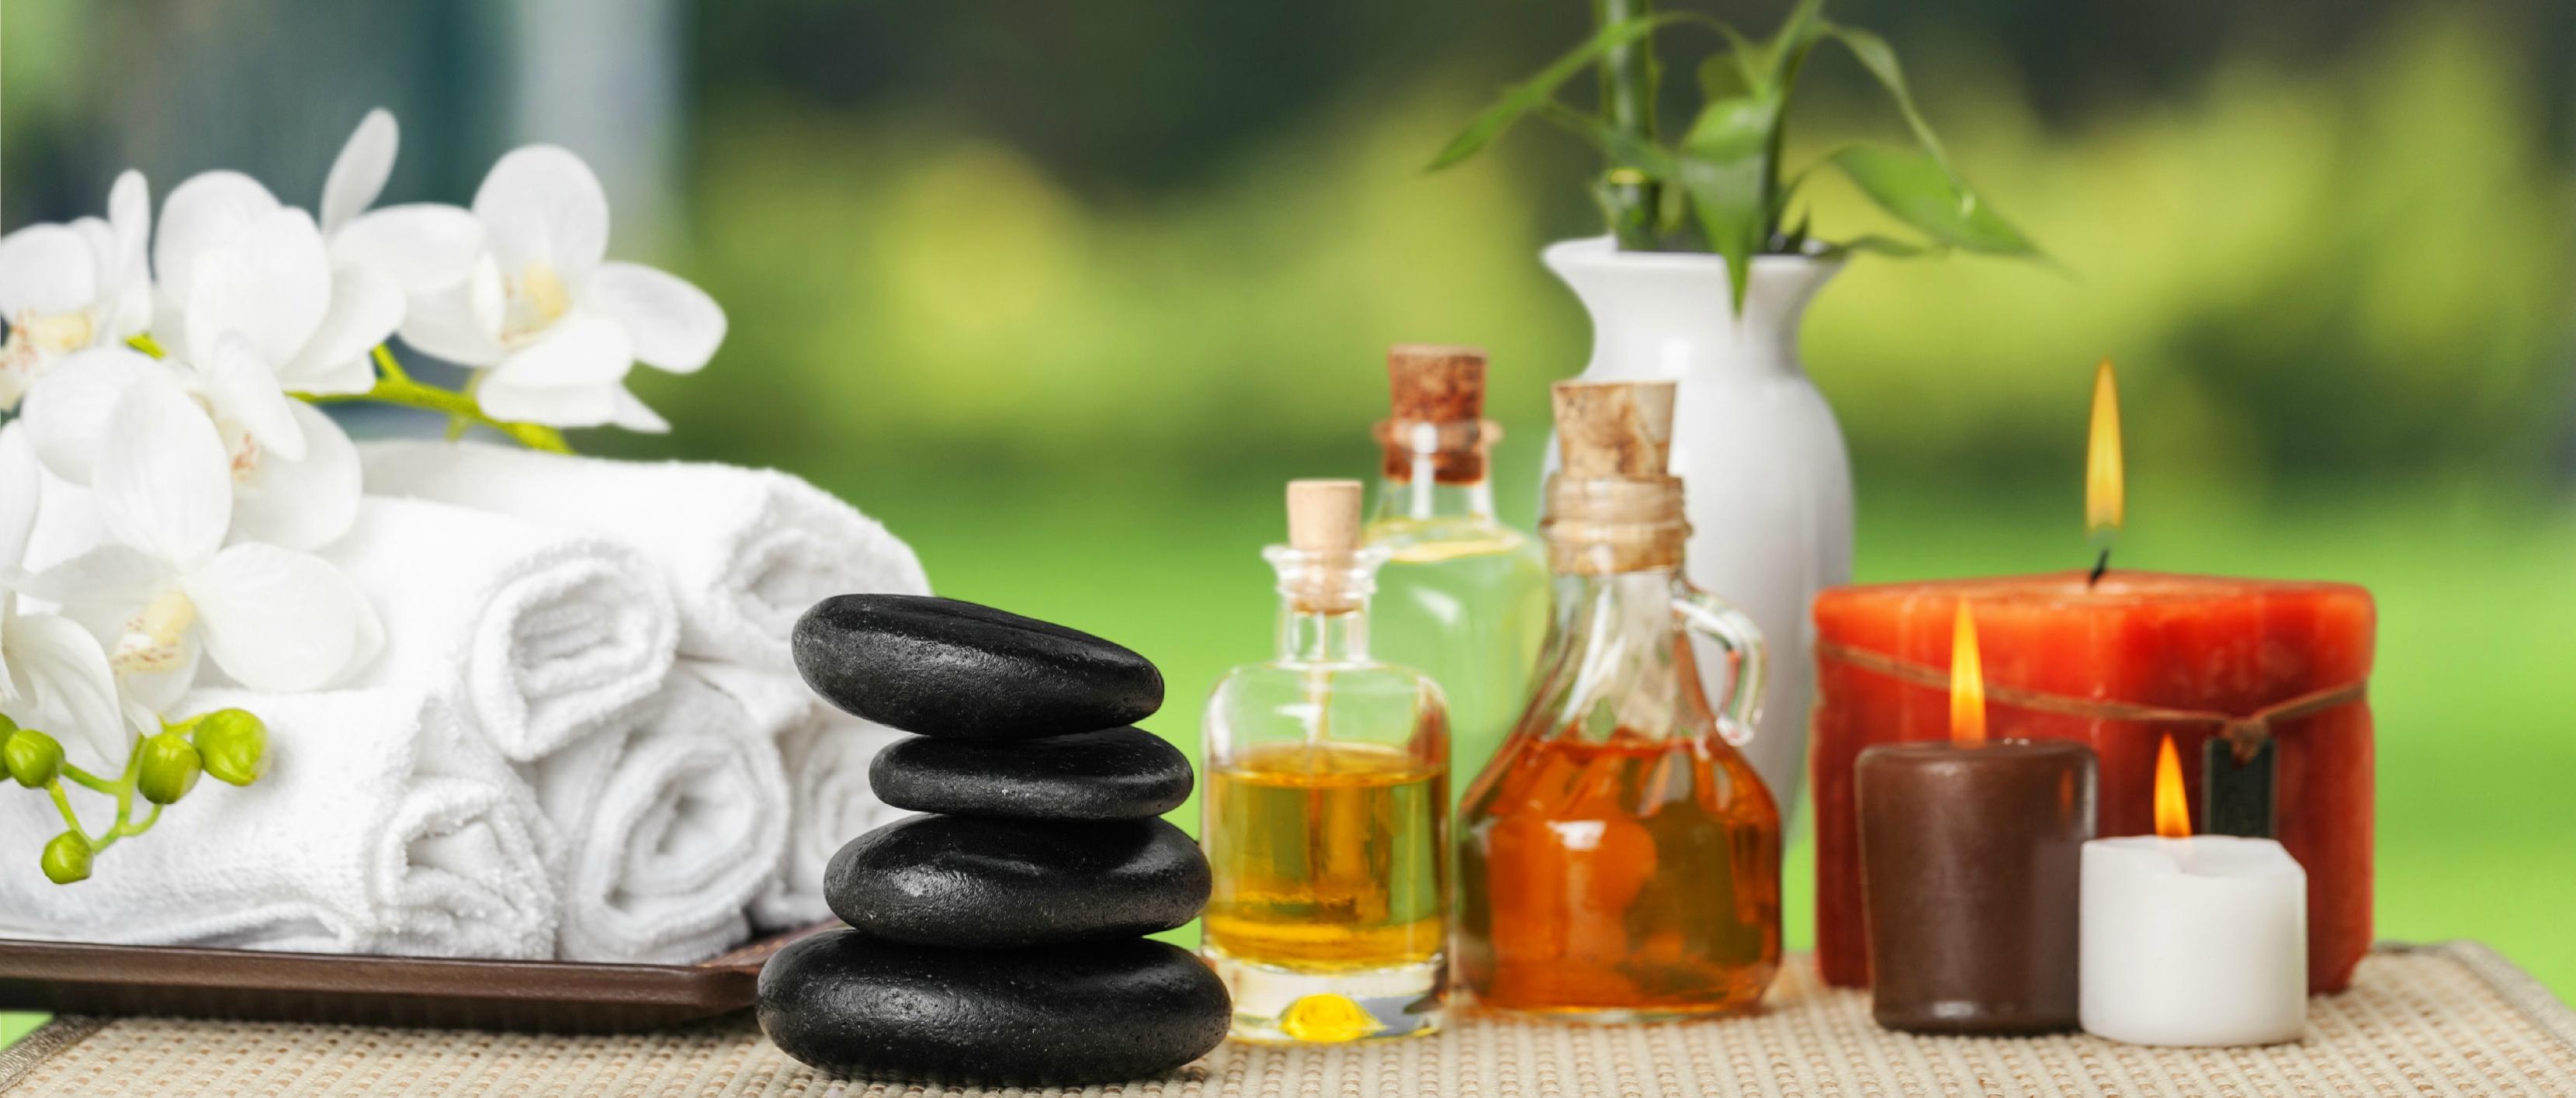 Best Massage Service In Markham